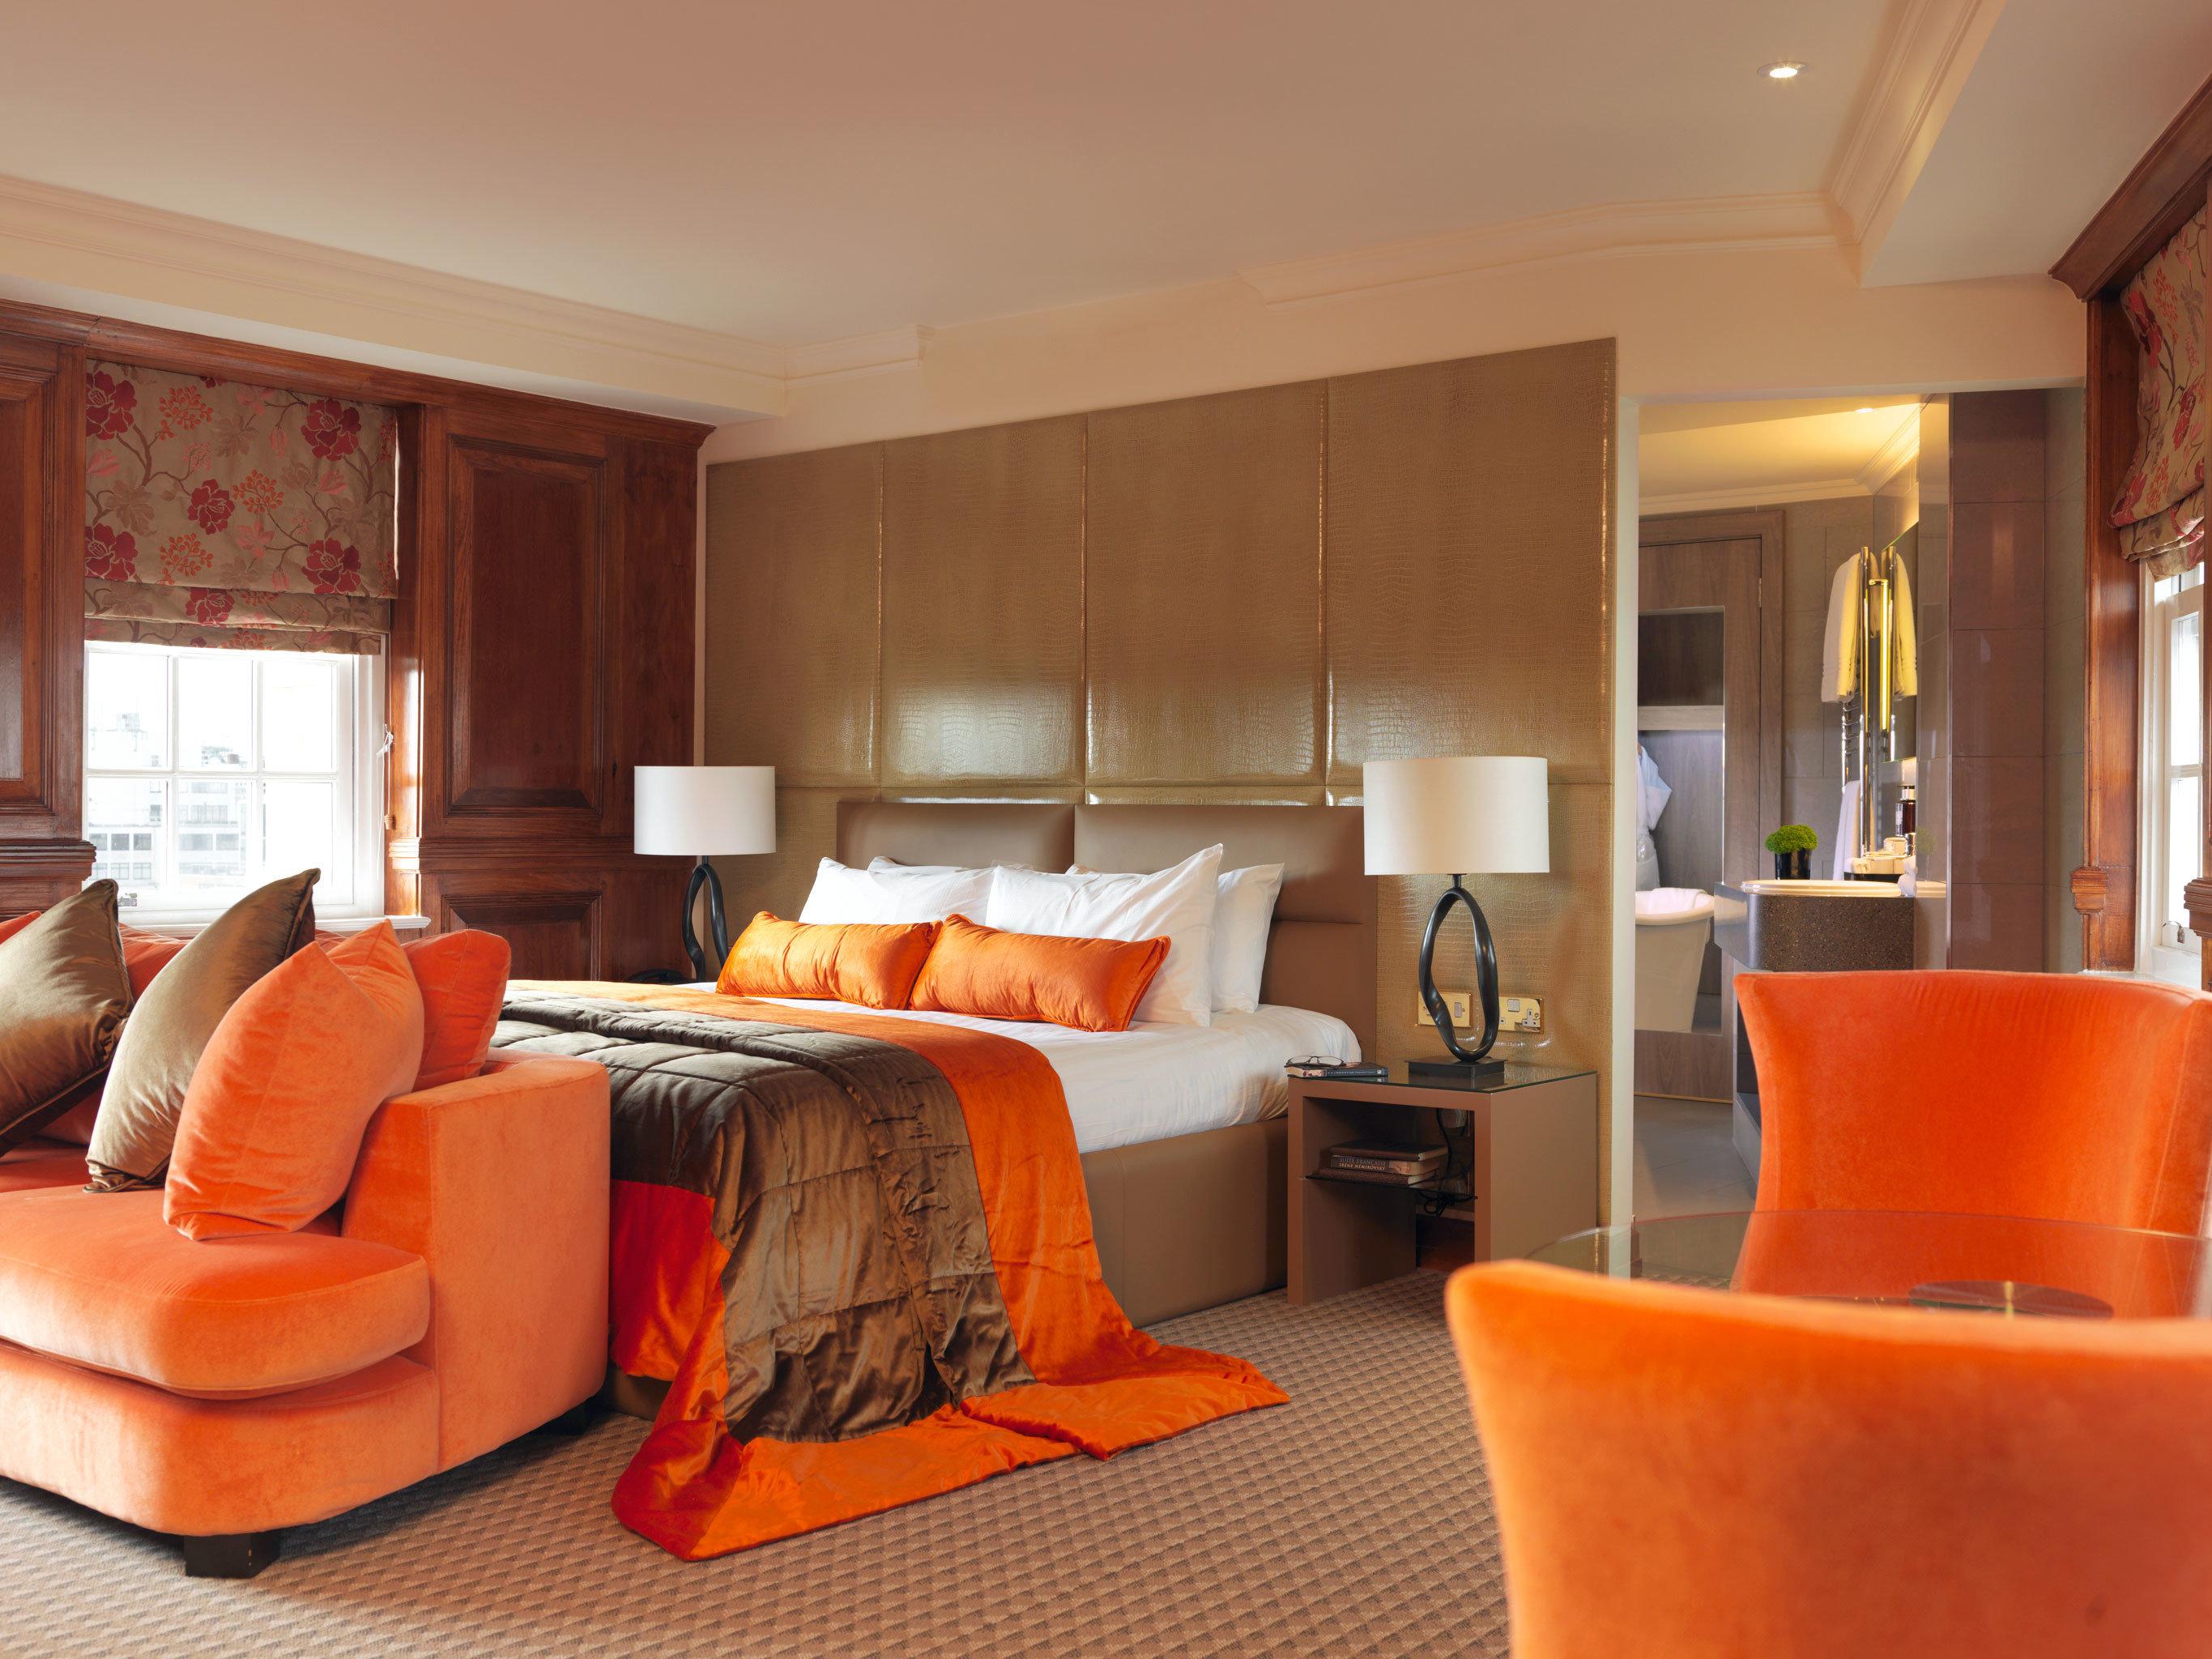 Bath Bedroom Lounge Modern Suite orange property living room home cottage sofa